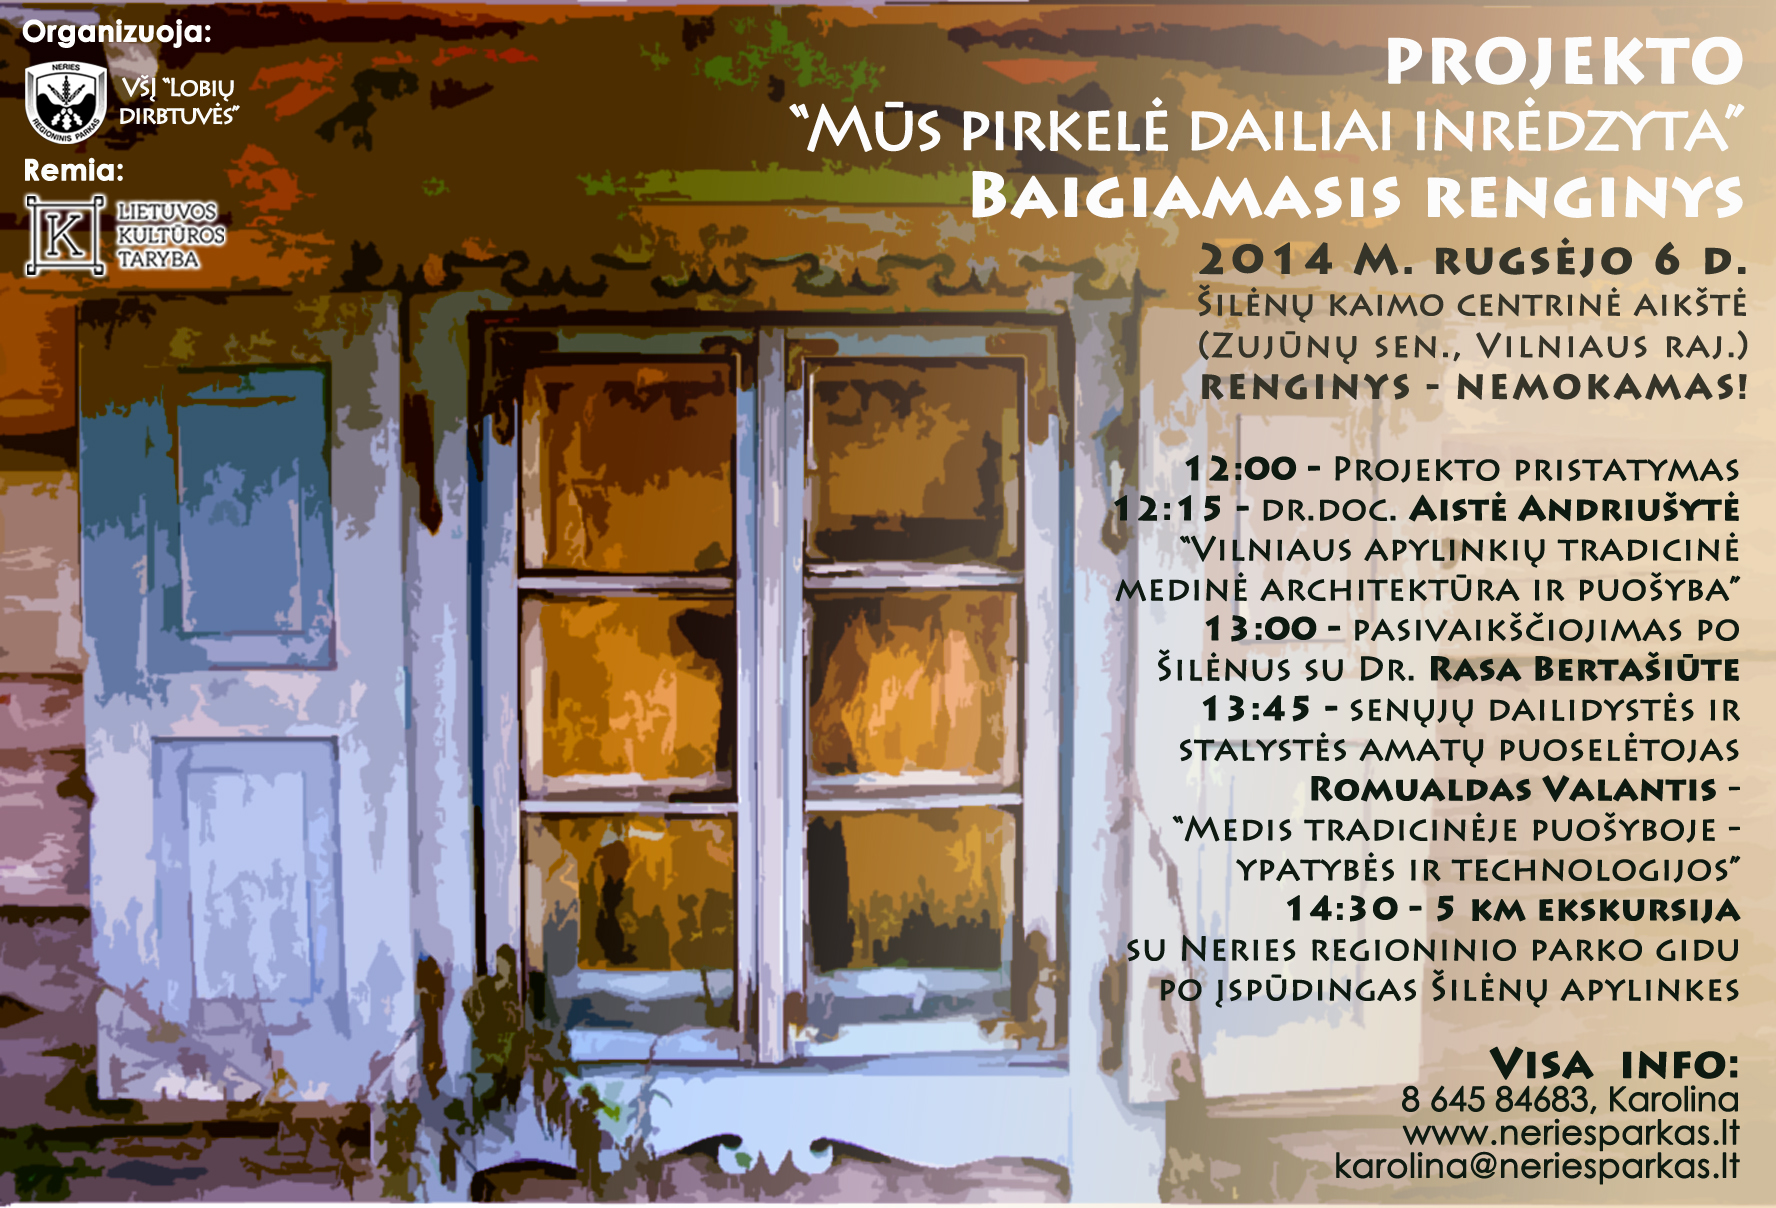 2014_09_06_BAIGIAMASIS_RENGINYS